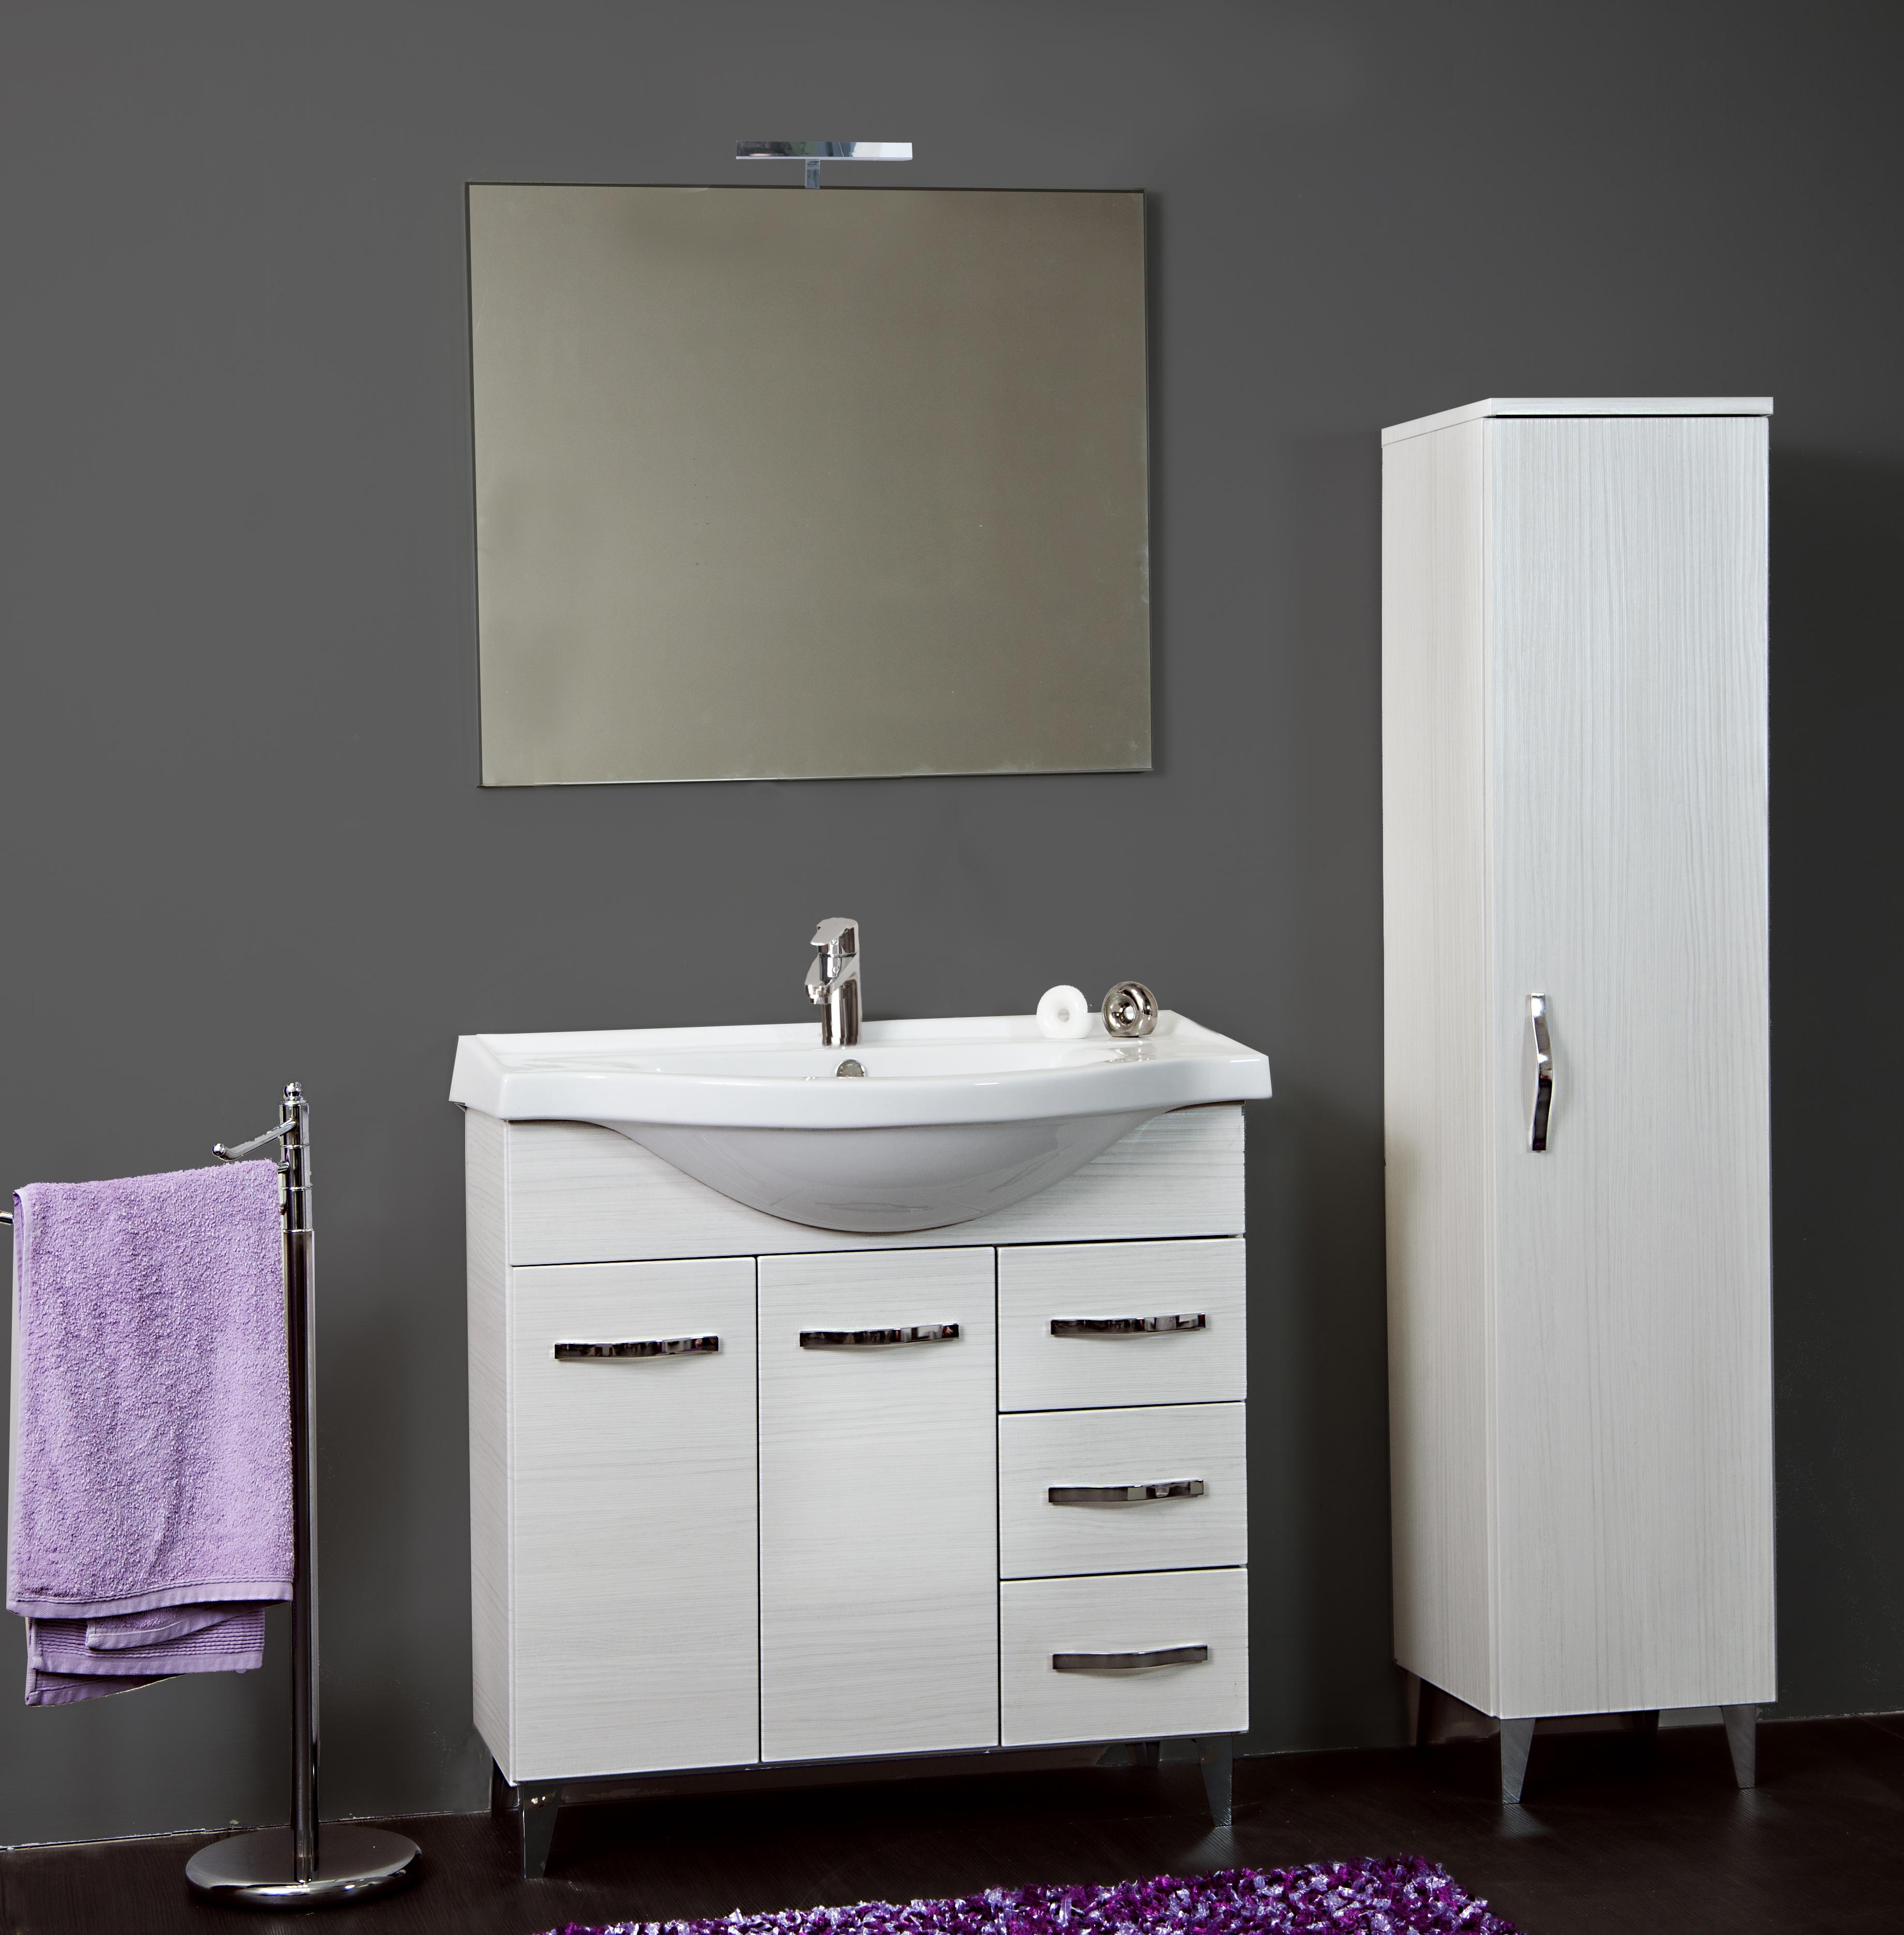 Complementi bagno delait design light decor - Complementi bagno design ...